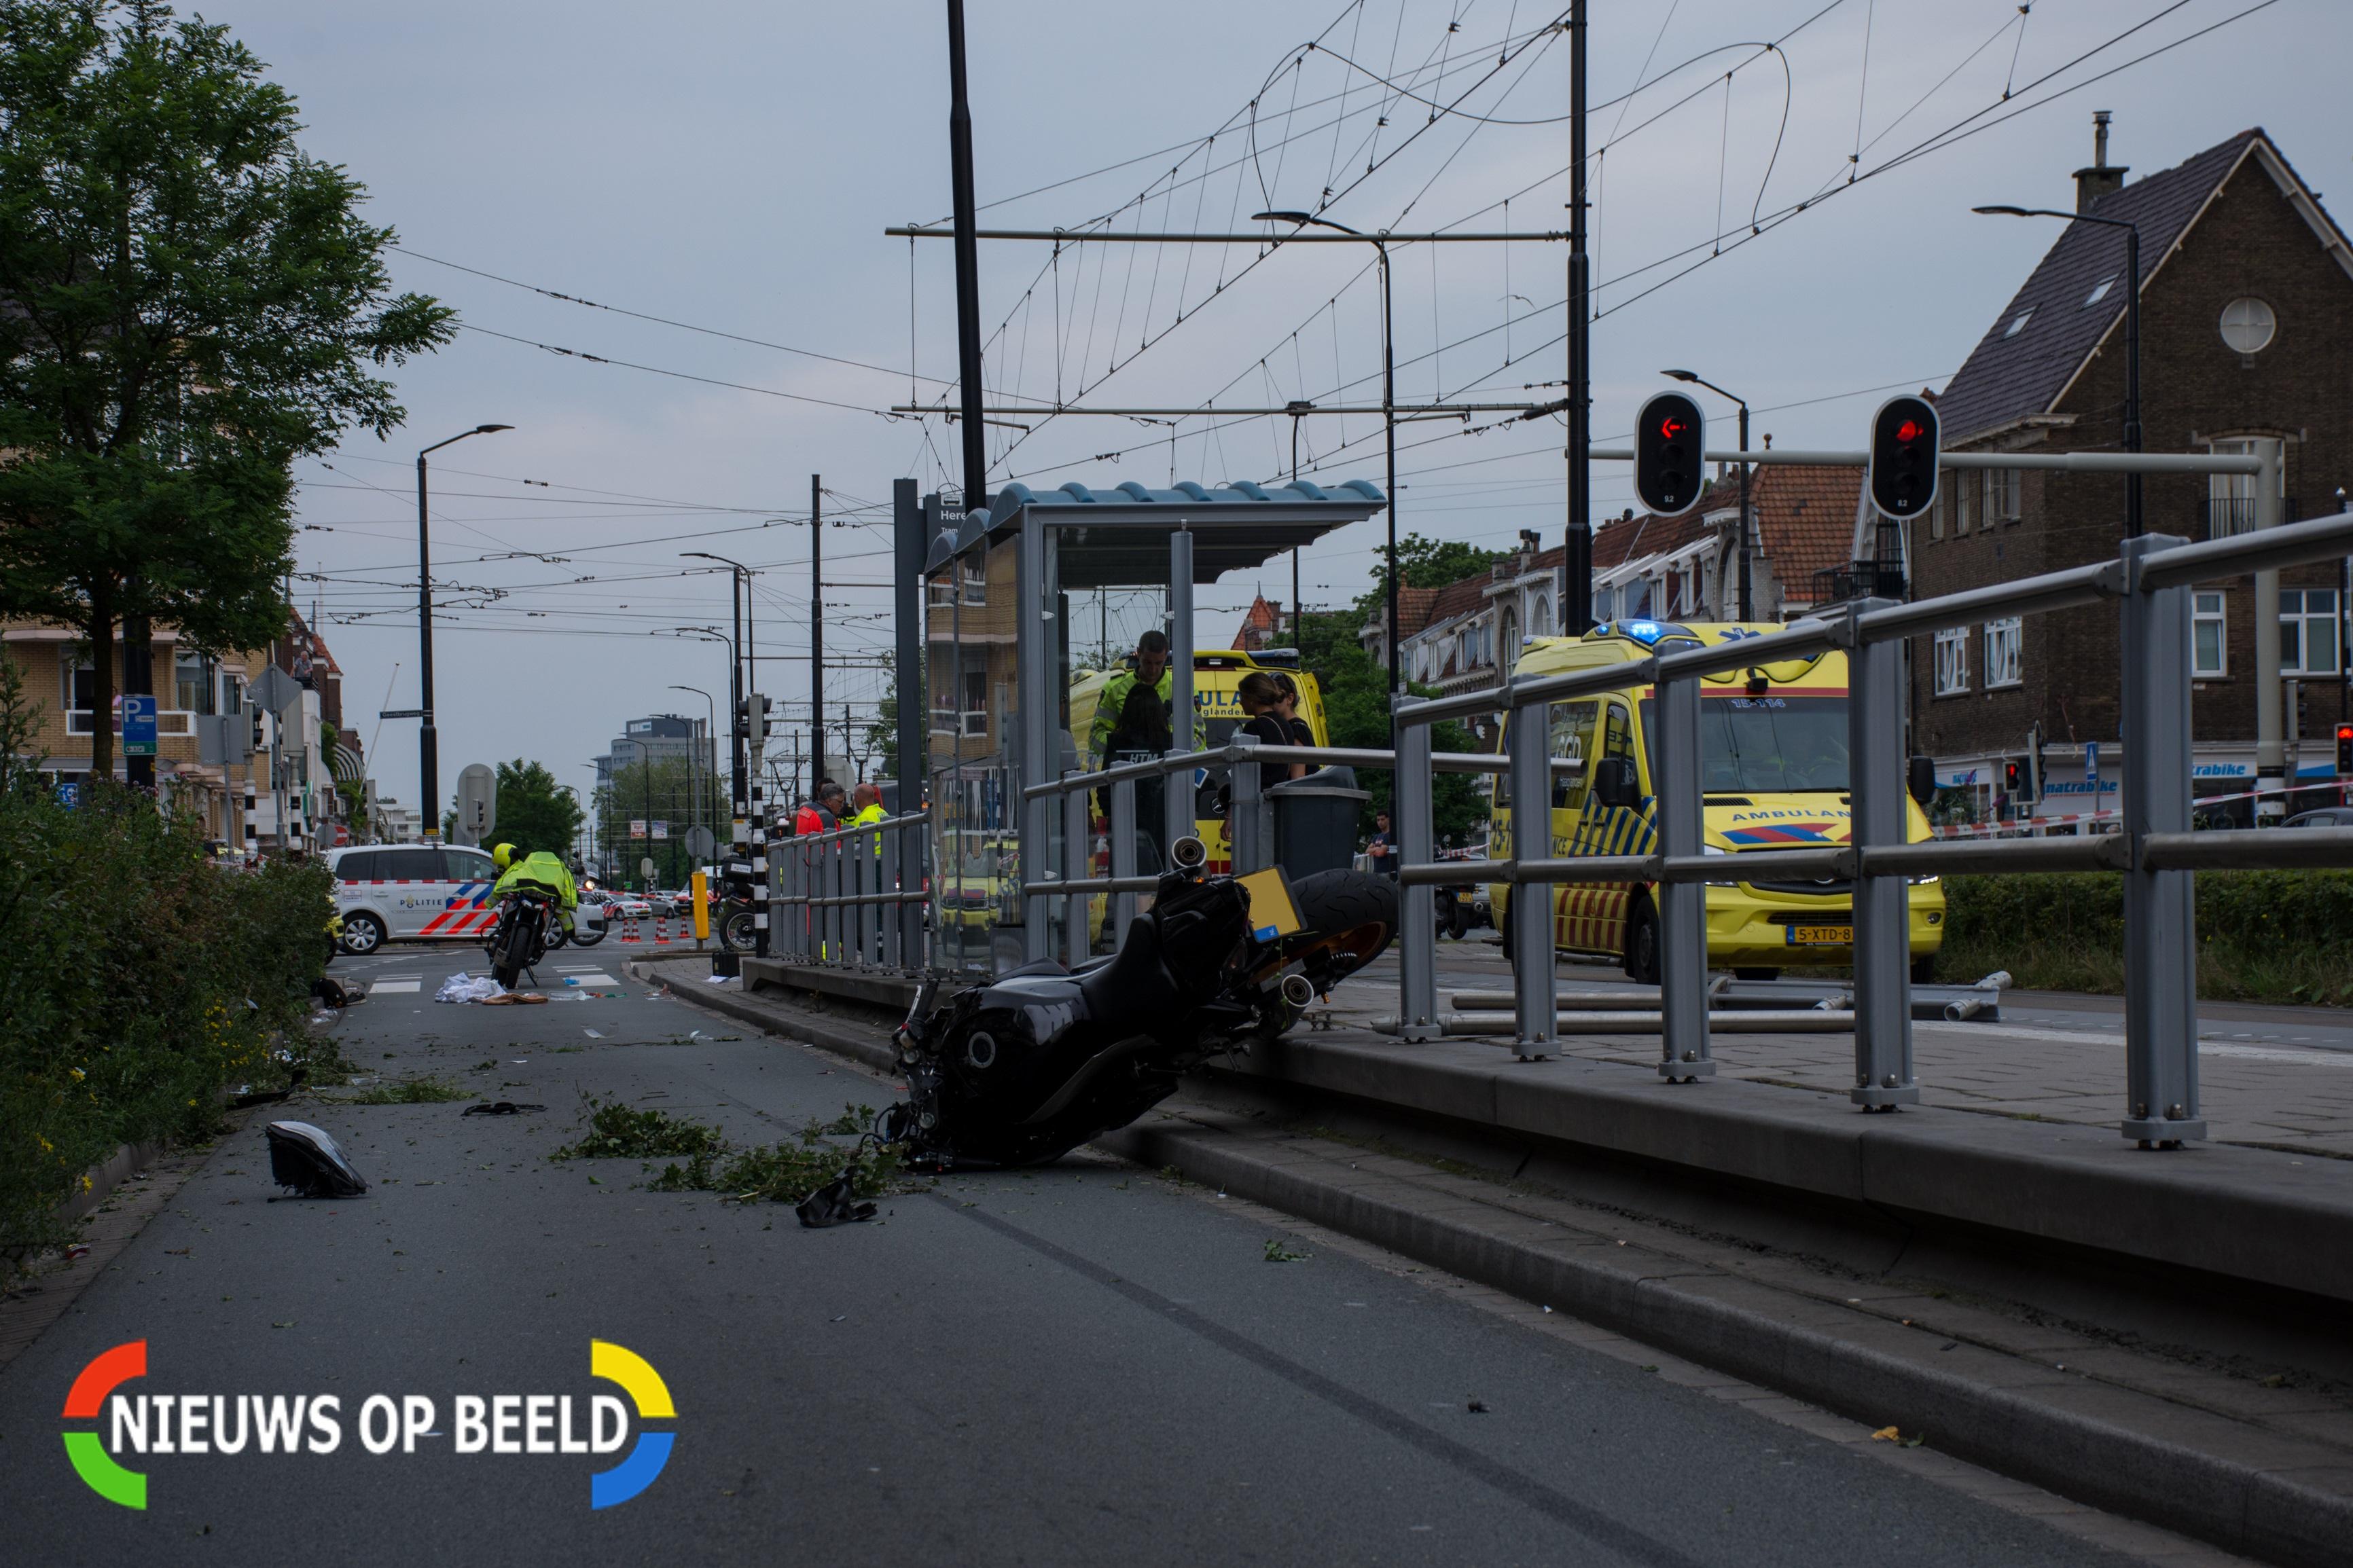 Voetganger overleden aan verwondingen na aanrijding met motor